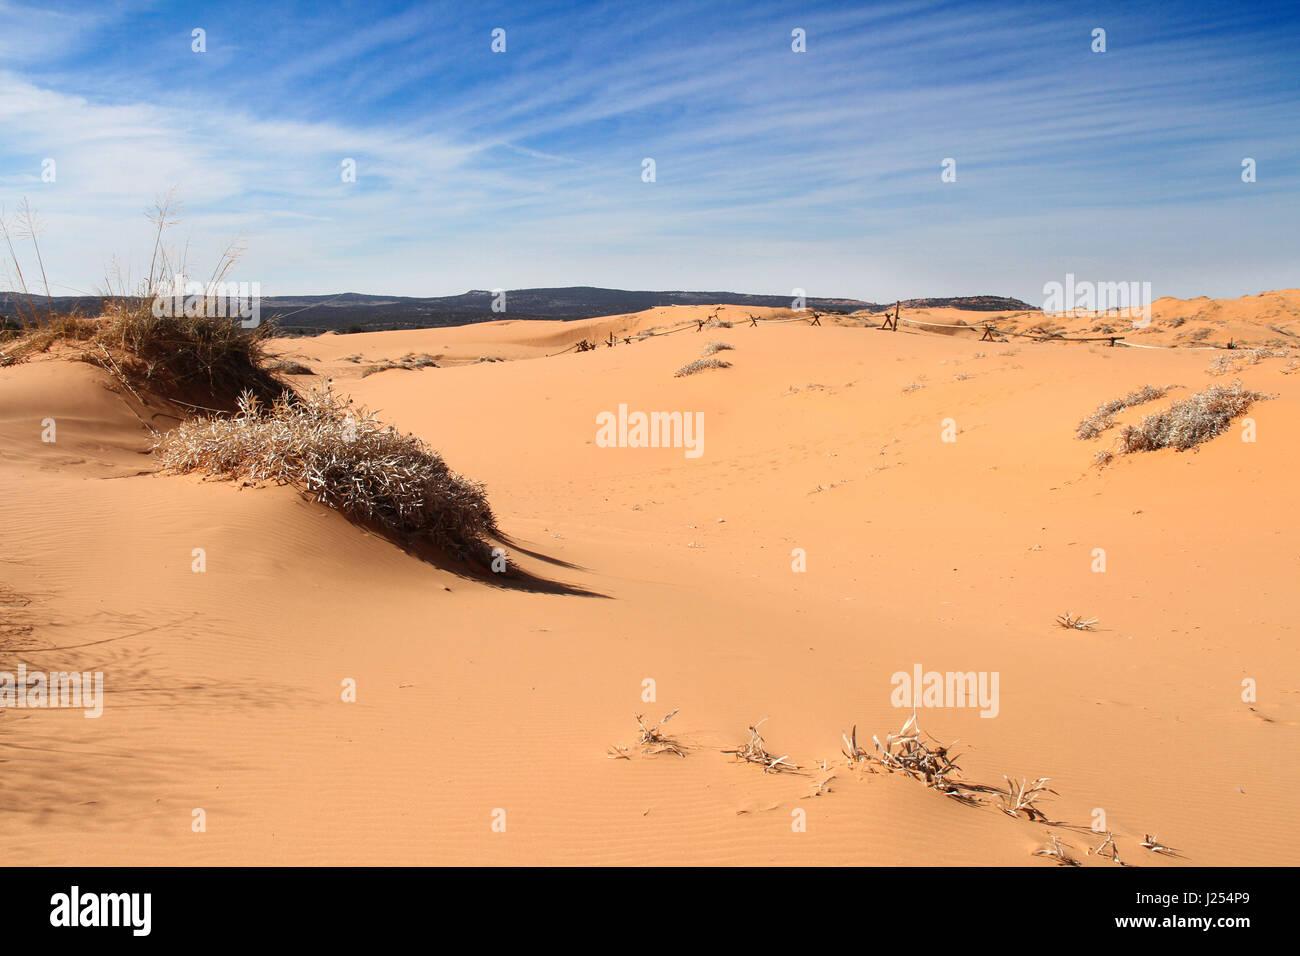 Painted Desert Arizona Red Sand WIlderness - Stock Image